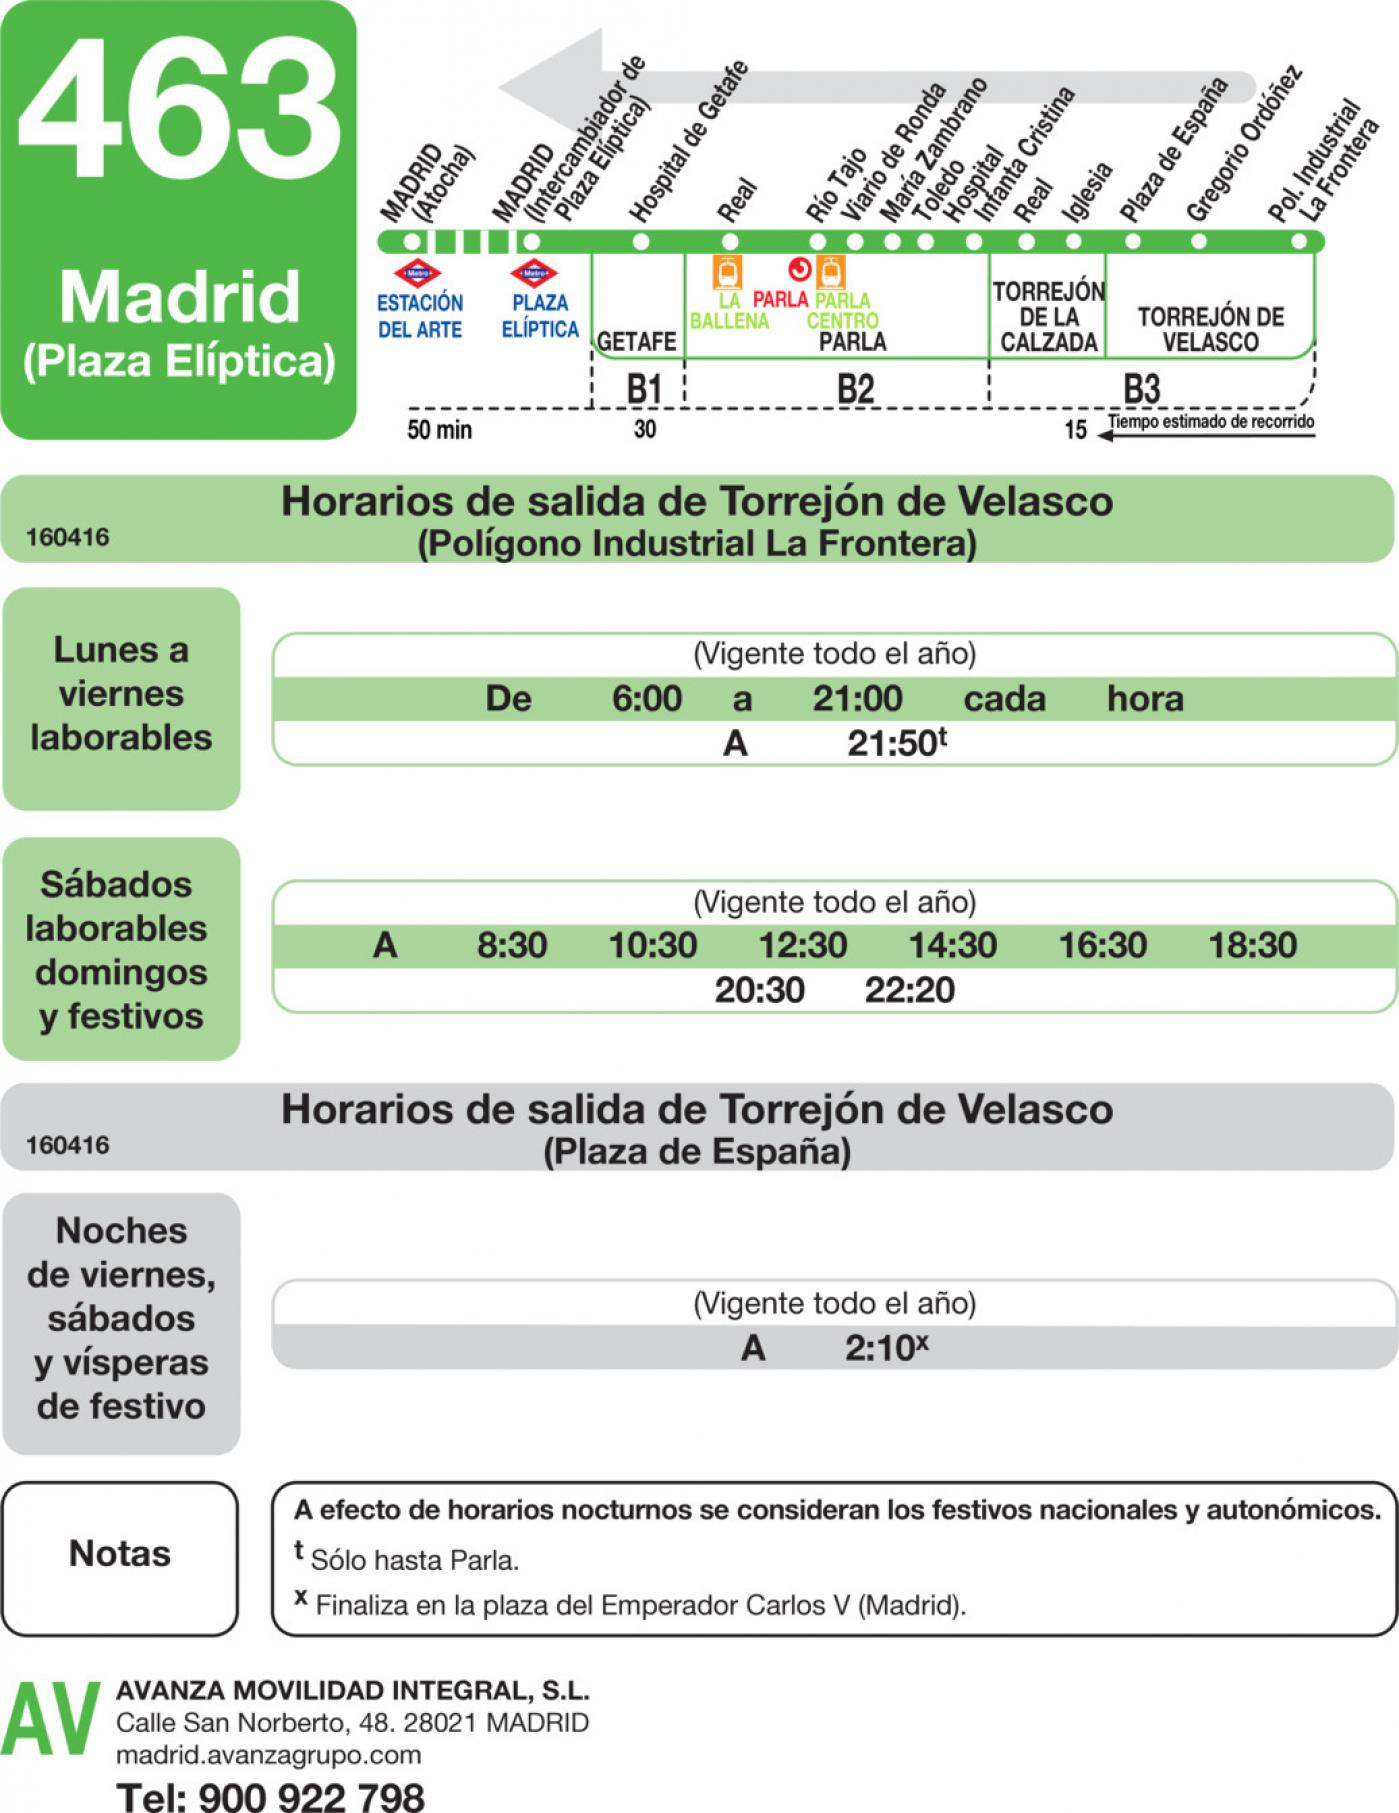 Tabla de horarios y frecuencias de paso en sentido vuelta Línea 463: Madrid (Plaza Elíptica) - Parla - Torrejón de Velasco